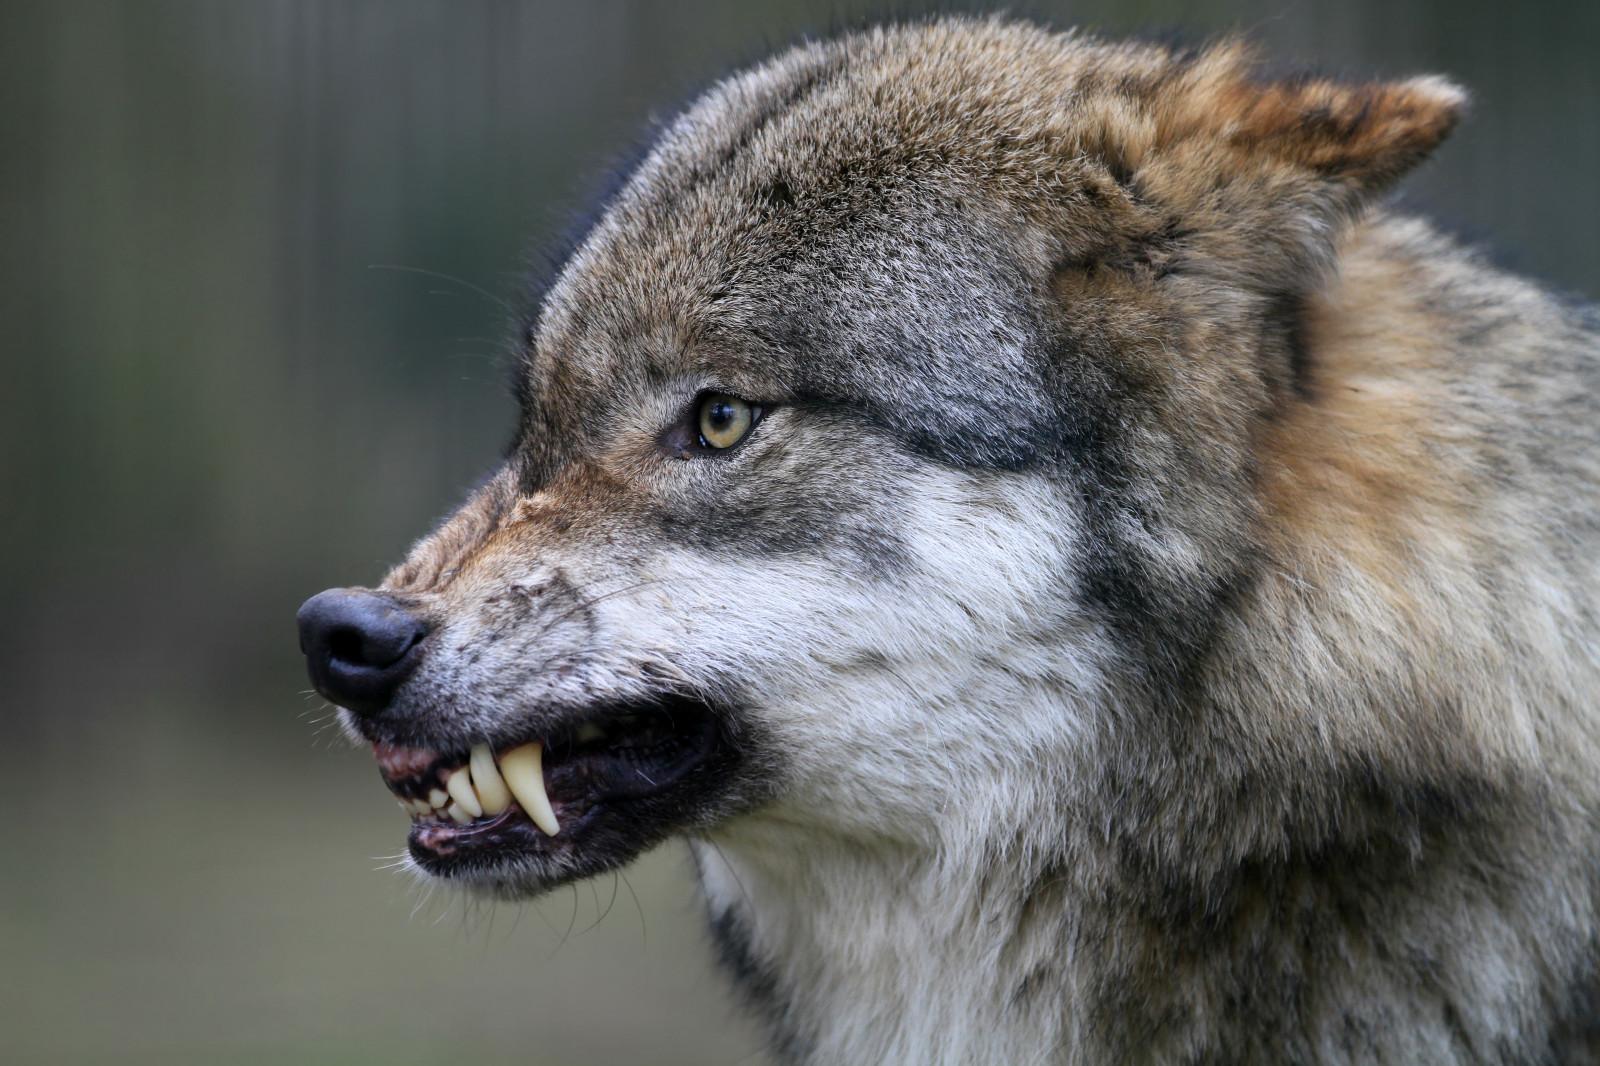 красивые картинки злобные морды волков фото число будет одинаковым